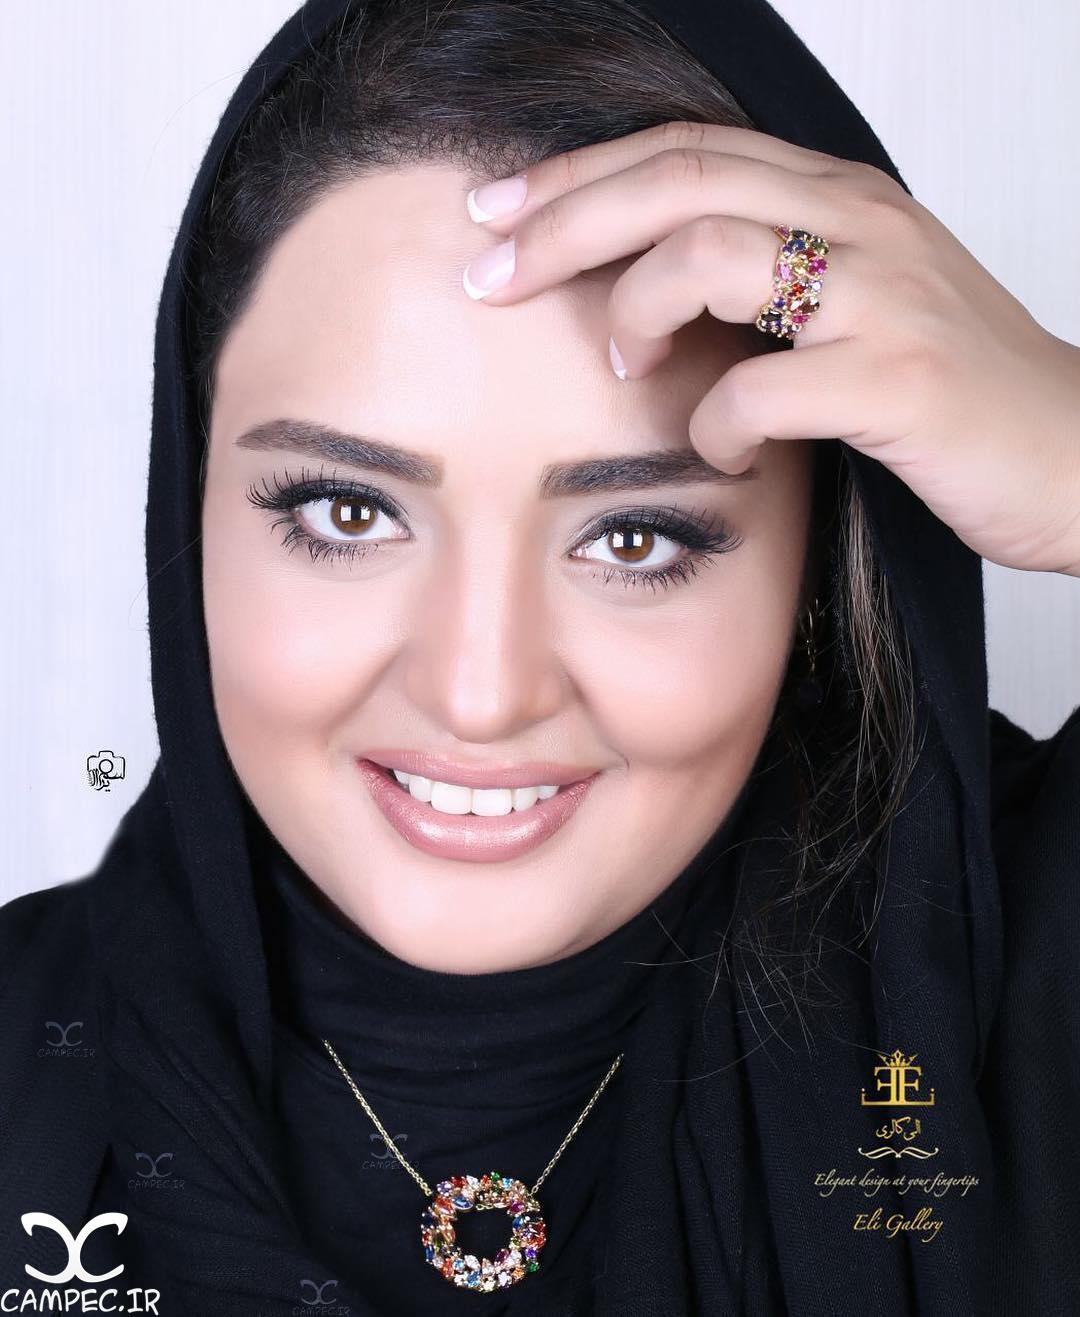 عکس آتلیه ای نرگس محمدی